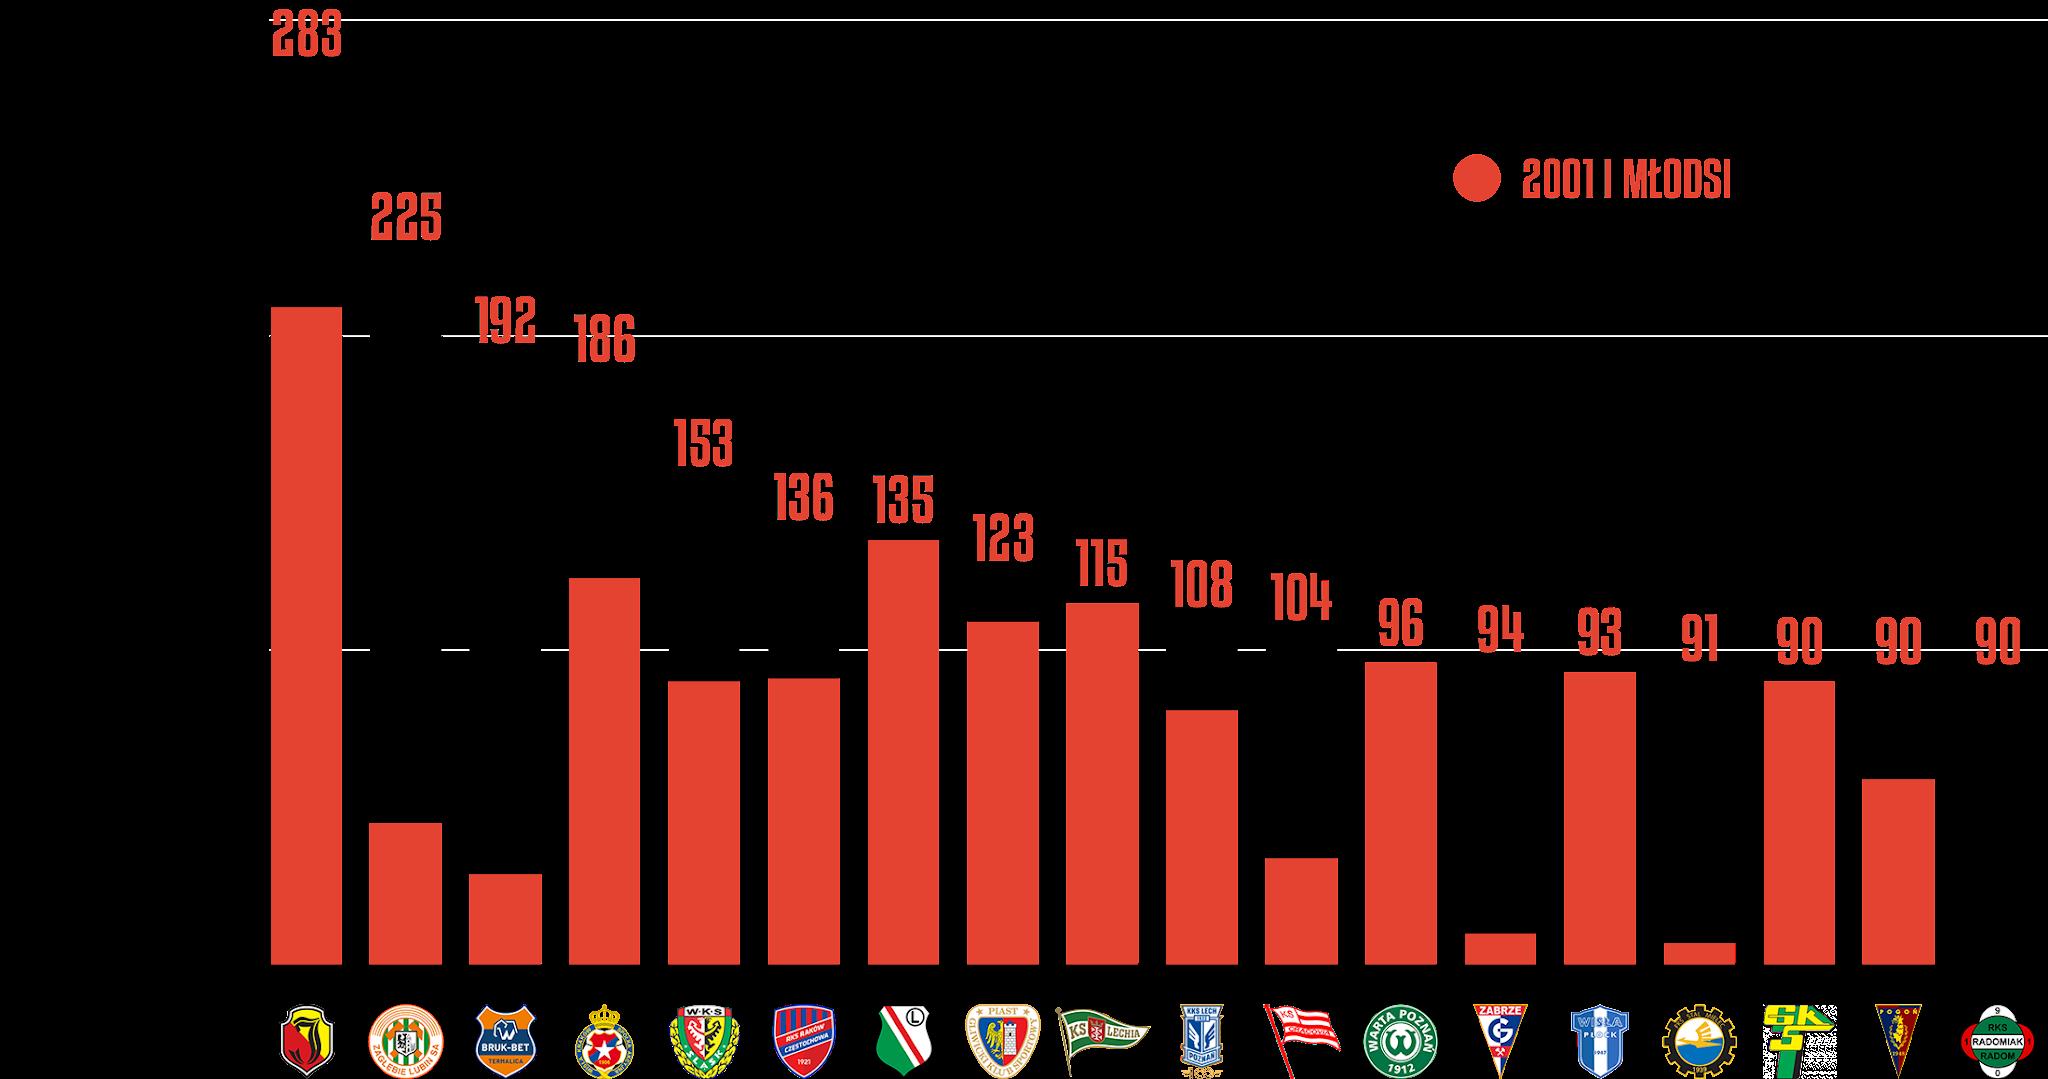 Klasyfikacja klubów pod względem rozegranego czasu przez młodzieżowców w8.kolejce PKO Ekstraklasy<br><br>Źródło: Opracowanie własne na podstawie ekstrastats.pl<br><br>graf. Bartosz Urban